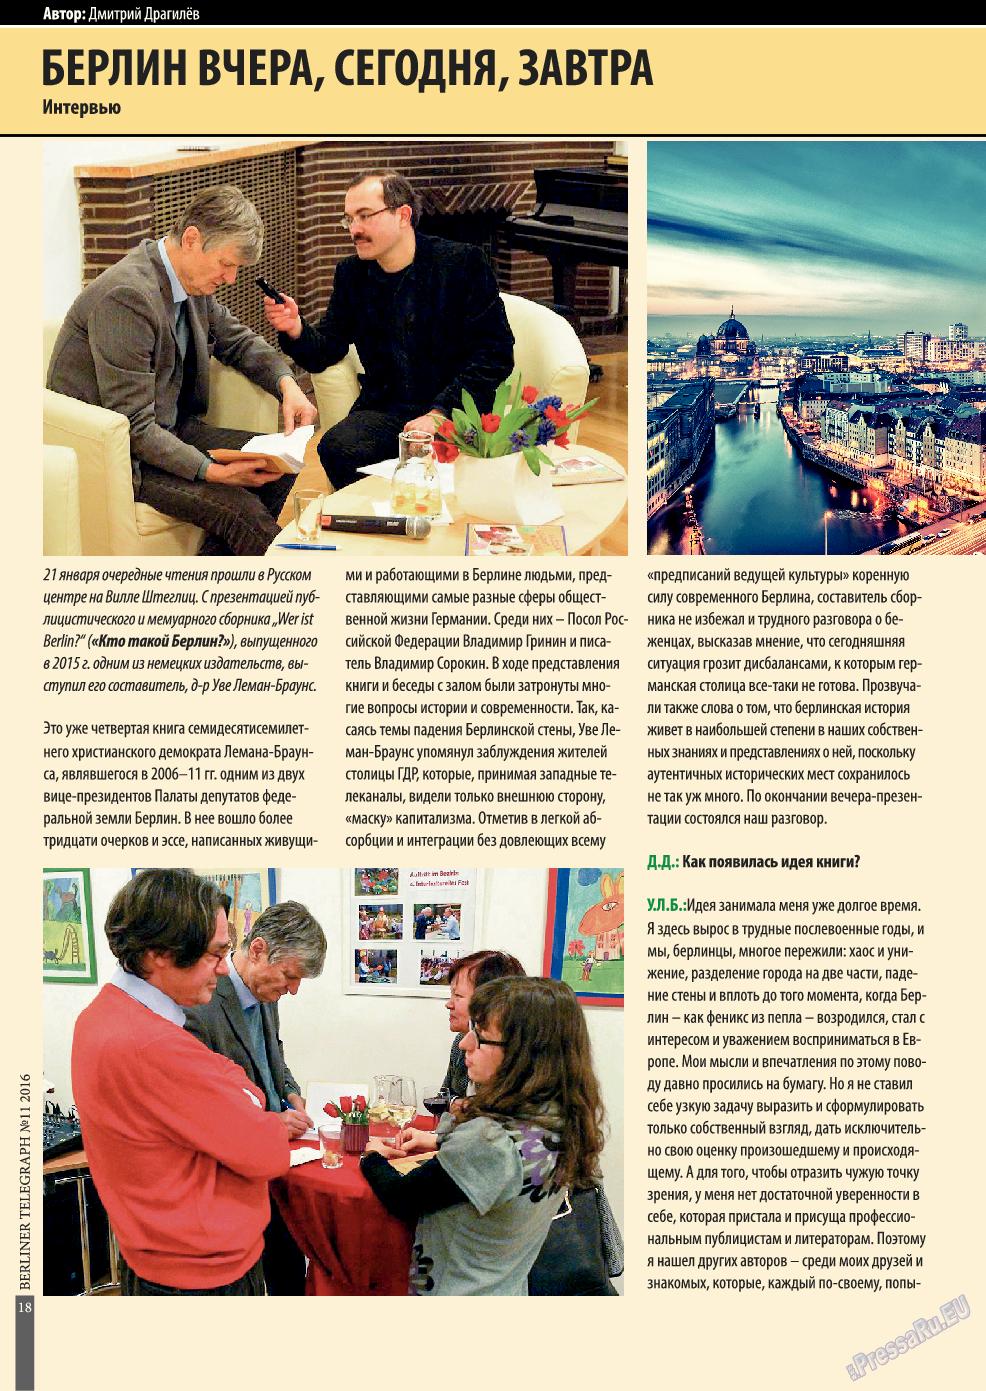 Берлинский телеграф (журнал). 2016 год, номер 11, стр. 18